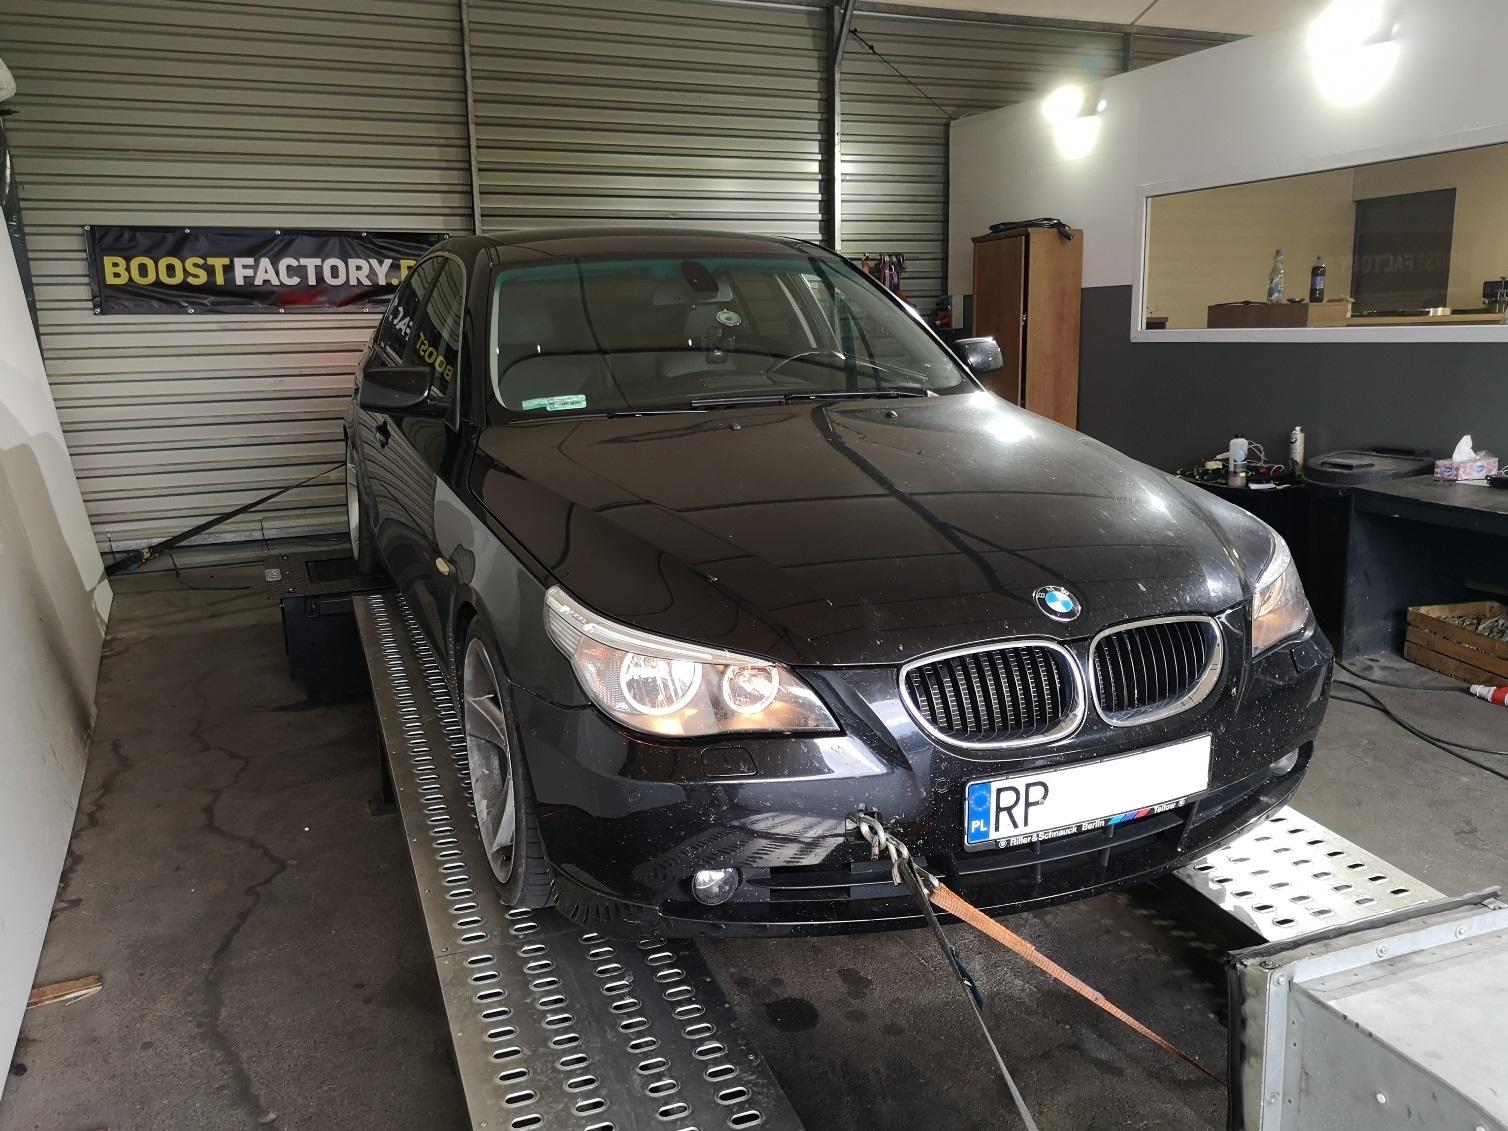 BMW E60 520d 163KM >> 204KM 417Nm